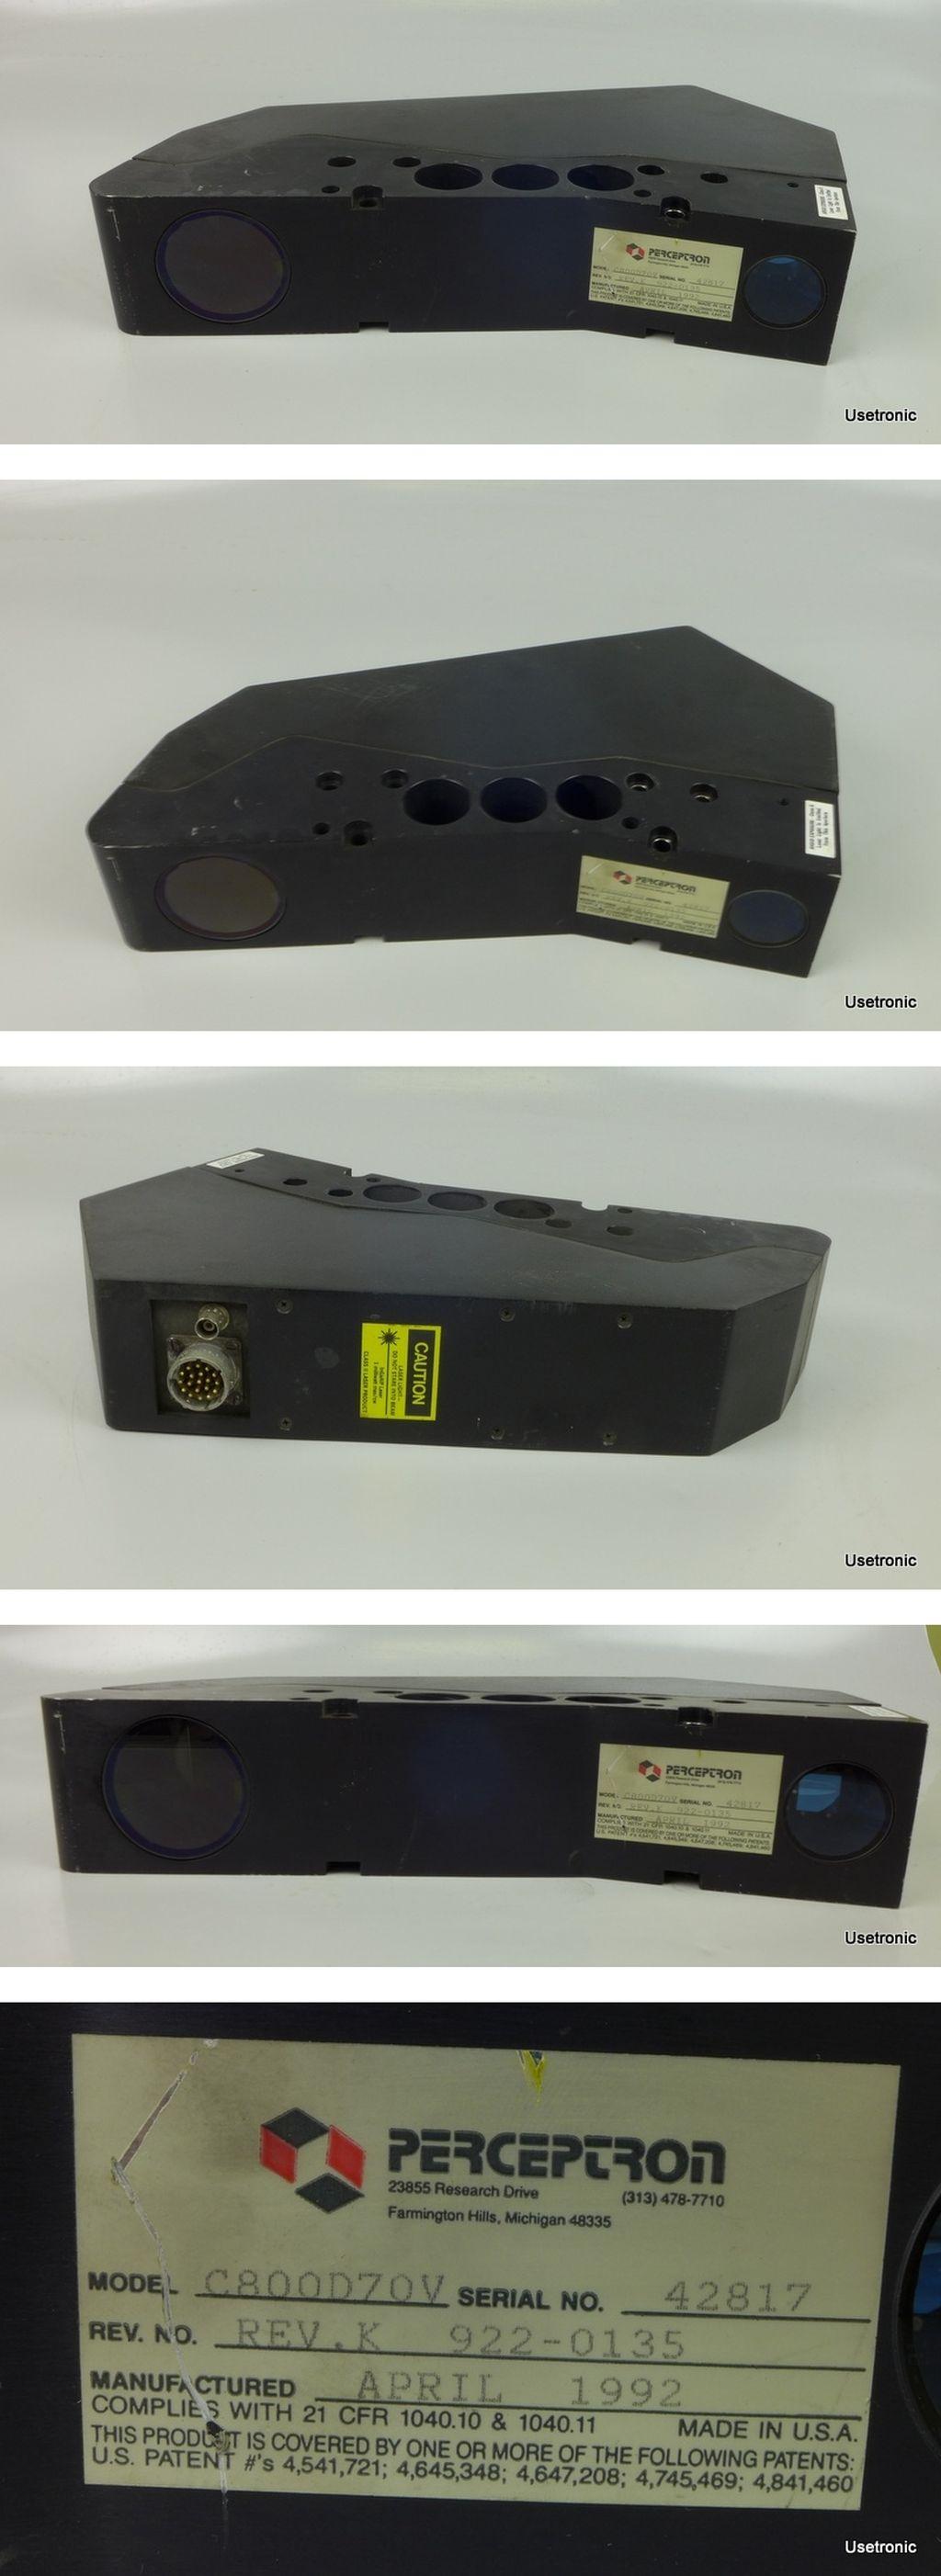 Scanner Perceptron C800D70V